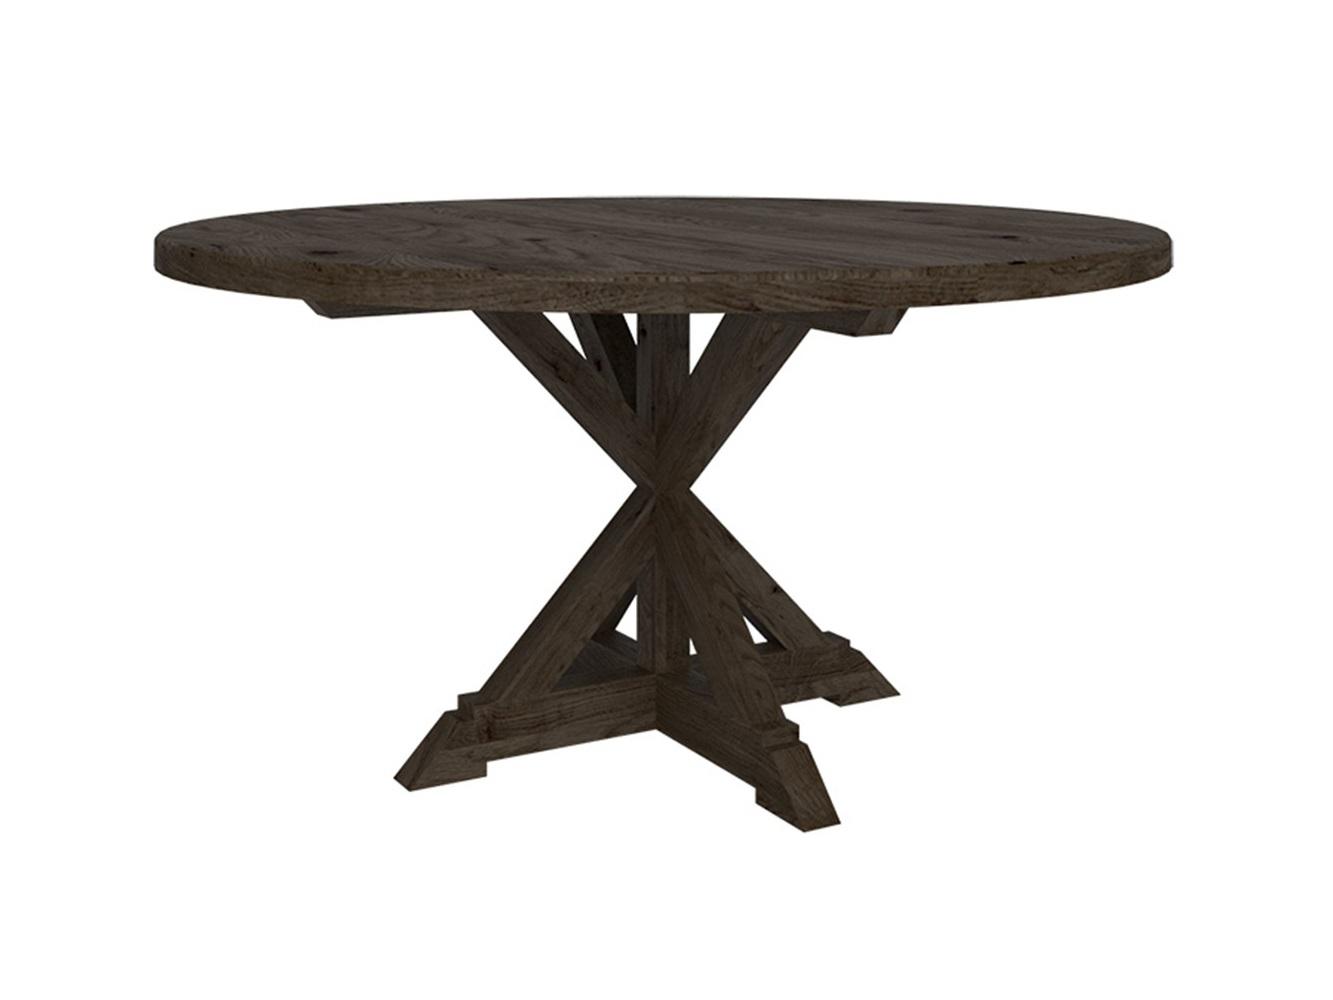 Обеденный круглый стол TavernОбеденные столы<br>Обеденный стол из коллекции &amp;quot;Tavern&amp;quot;.&amp;lt;div&amp;gt;Выполнен полностью из массива дуба.&amp;lt;/div&amp;gt;<br><br>Material: Дуб<br>Высота см: 75.0